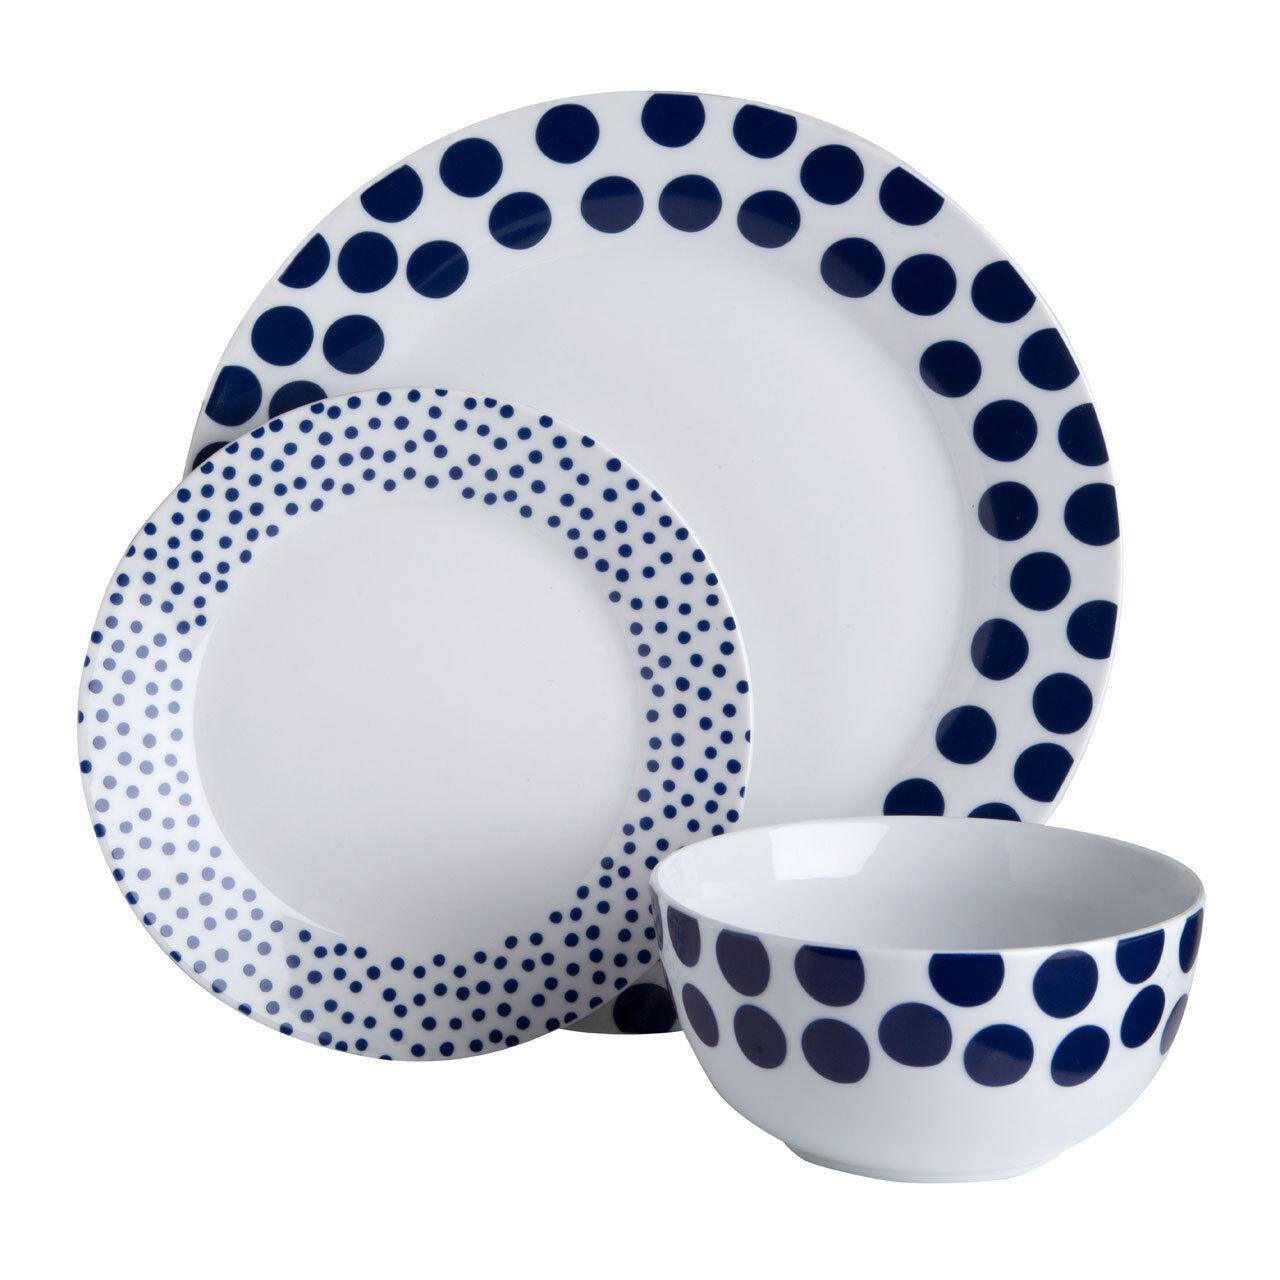 12 Piece Dinner Service Set Procelain bluee Spots Design Plates Cup Bowl